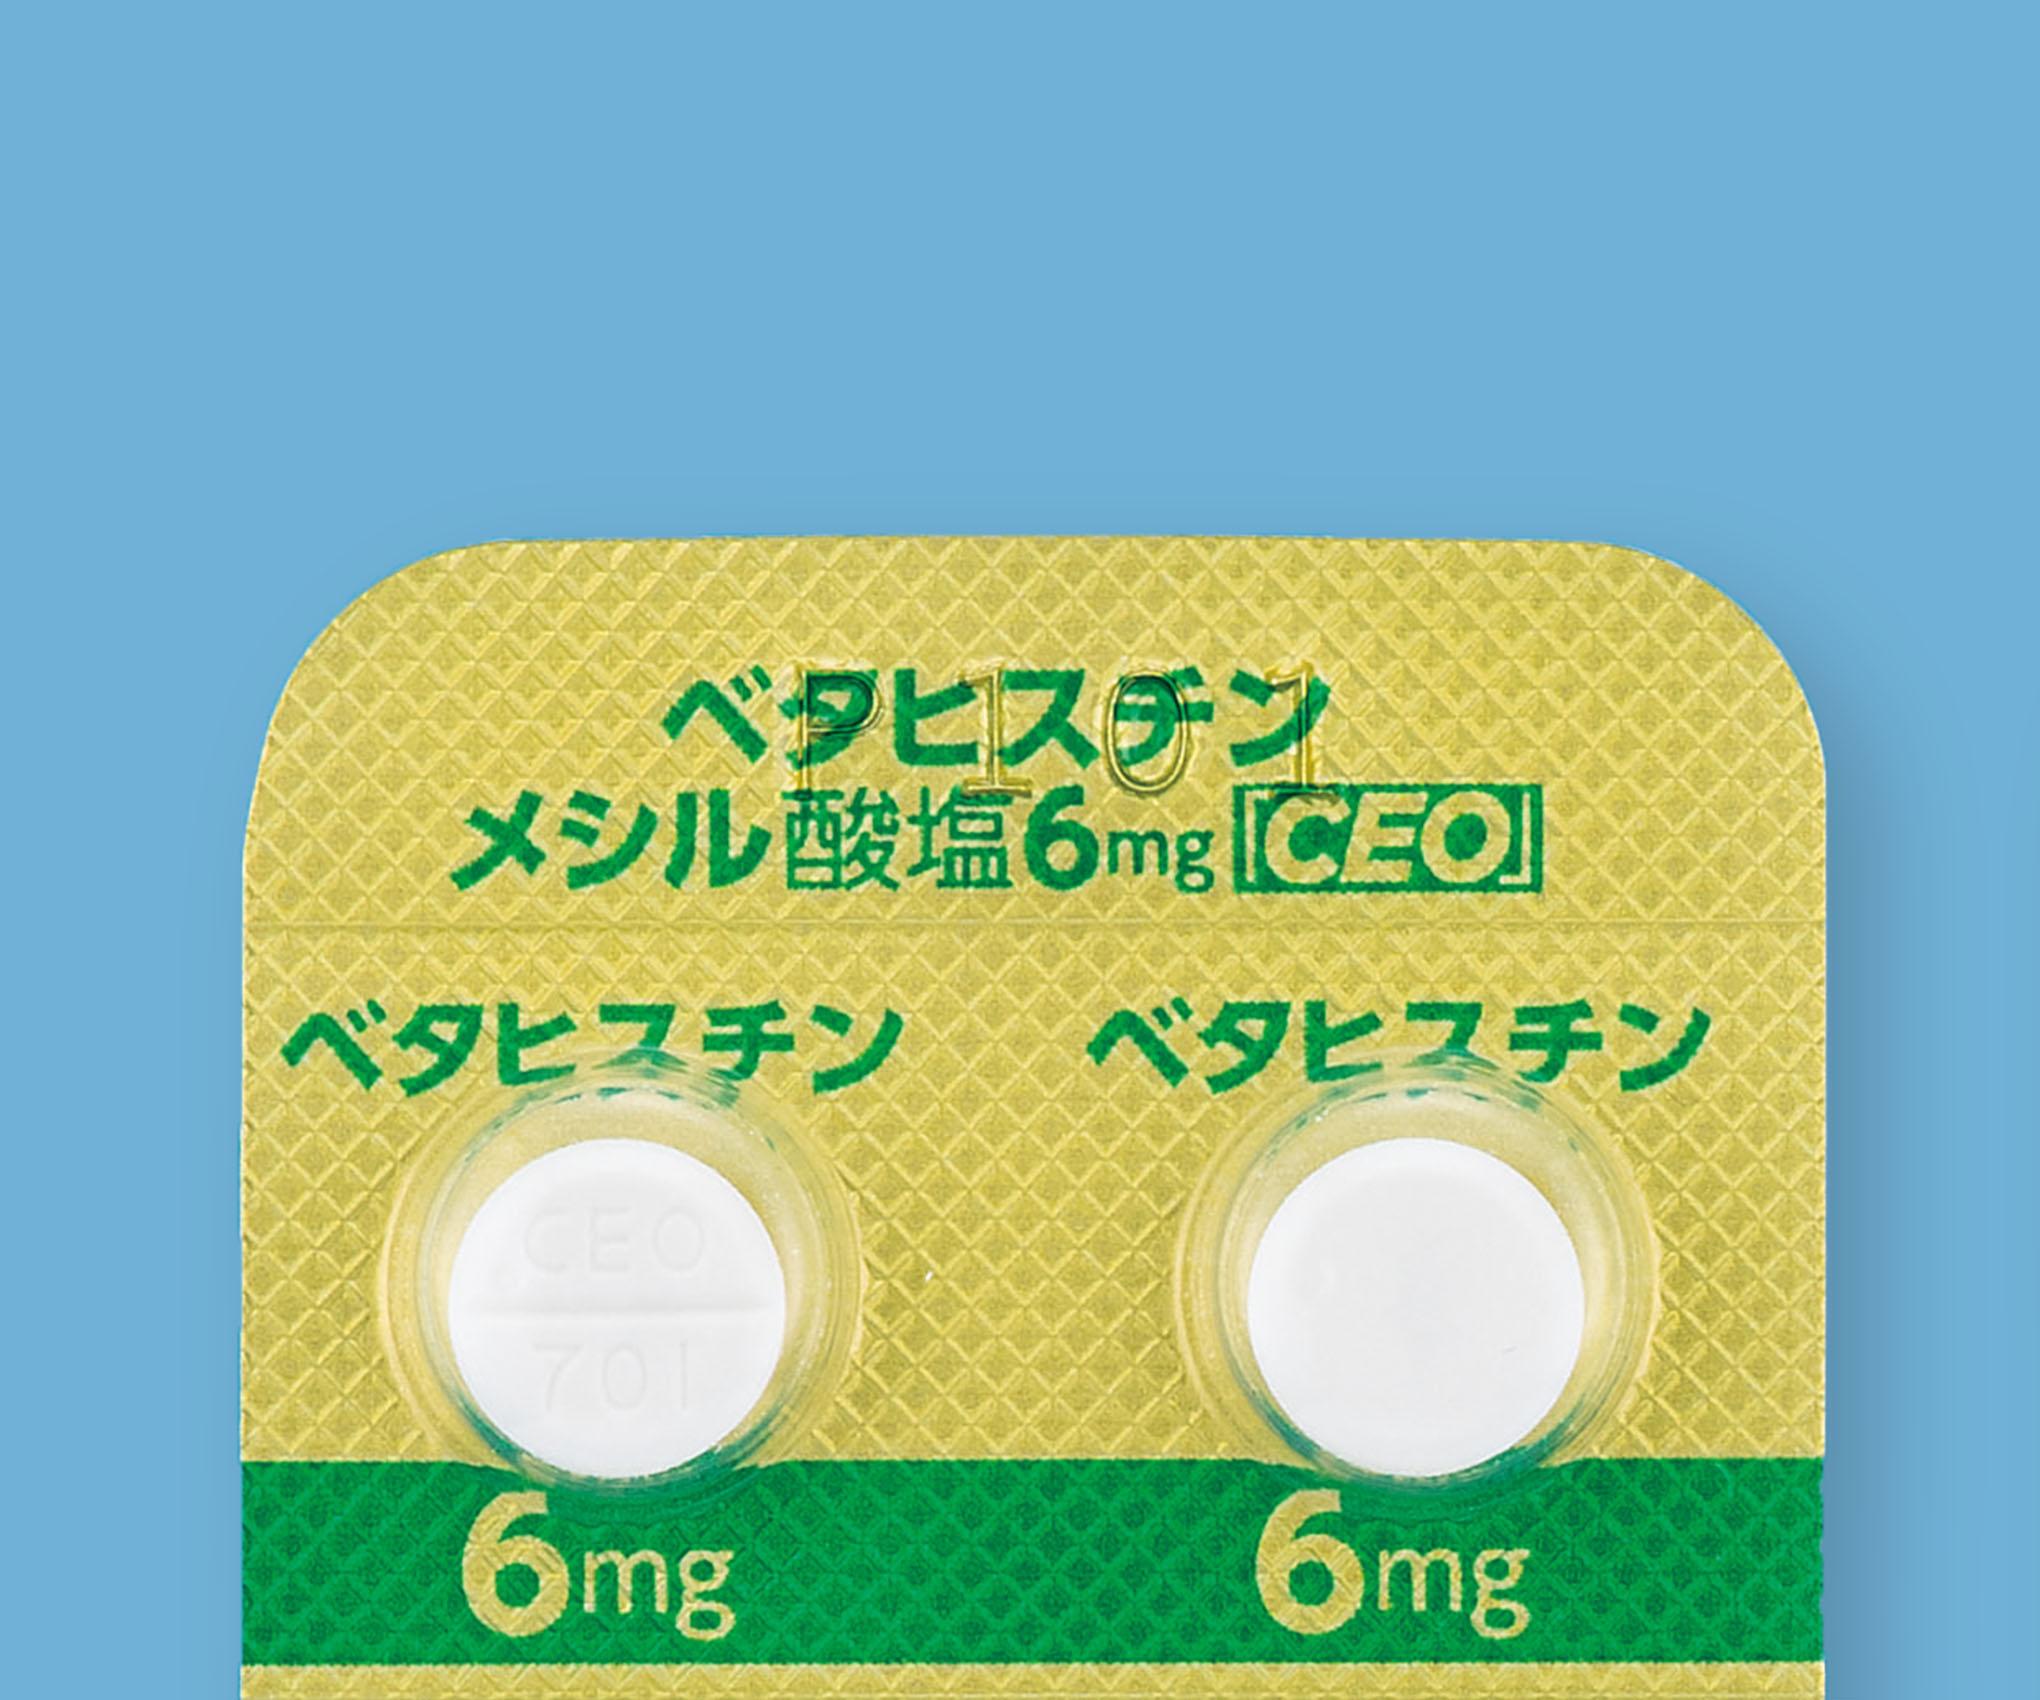 チン 酸 メシル 錠 塩 ベタ ヒス